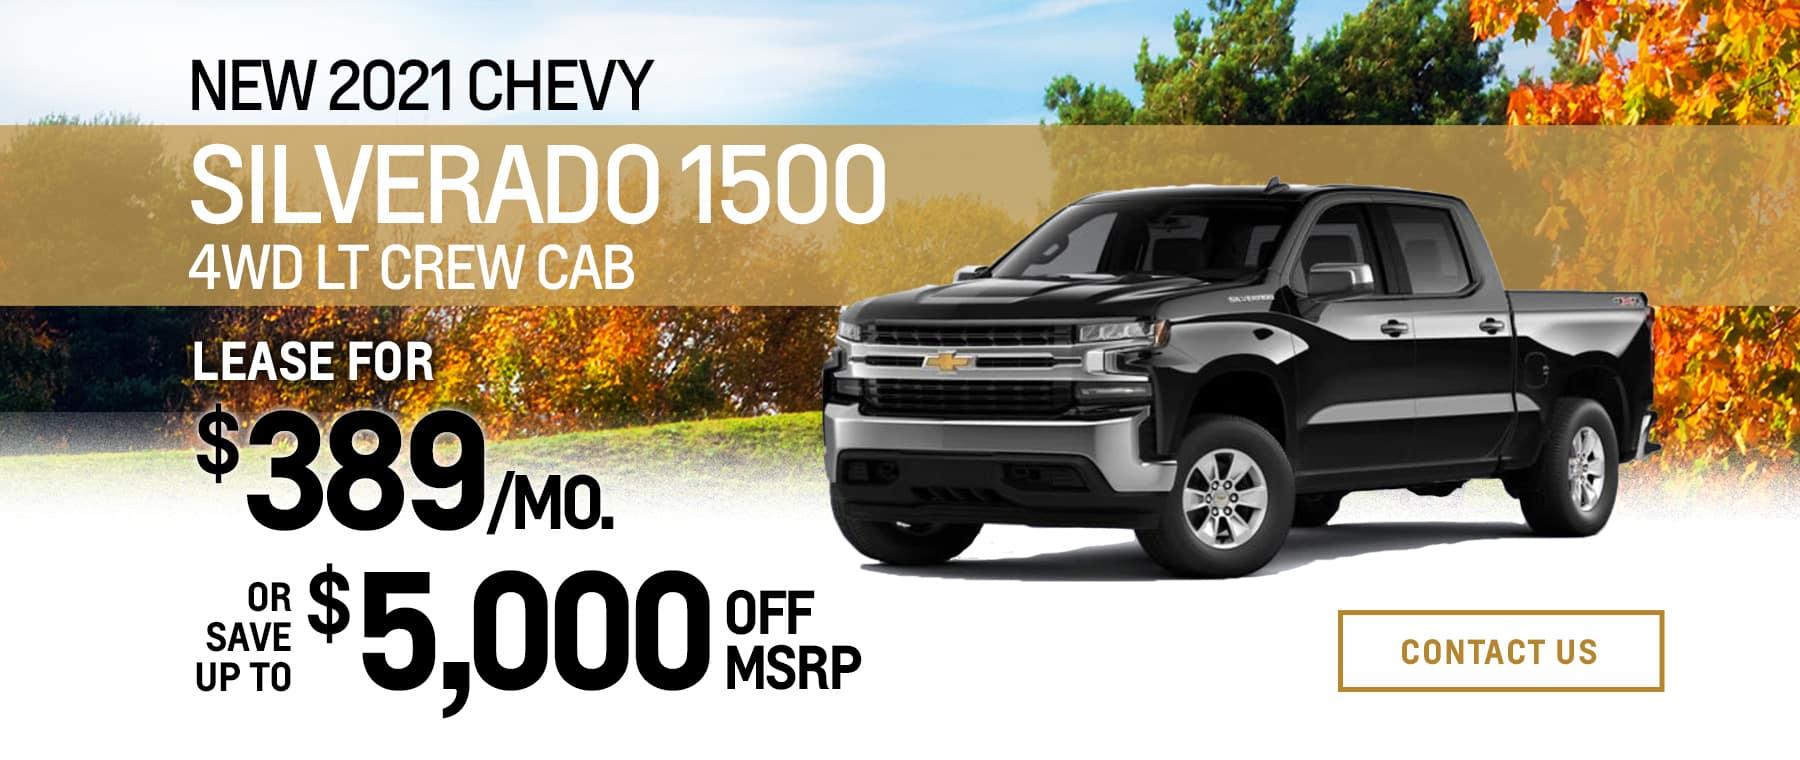 BCO-1800×760-New 2021 Chevy Silverado 1500 4WD LT Crew Cab _-1021